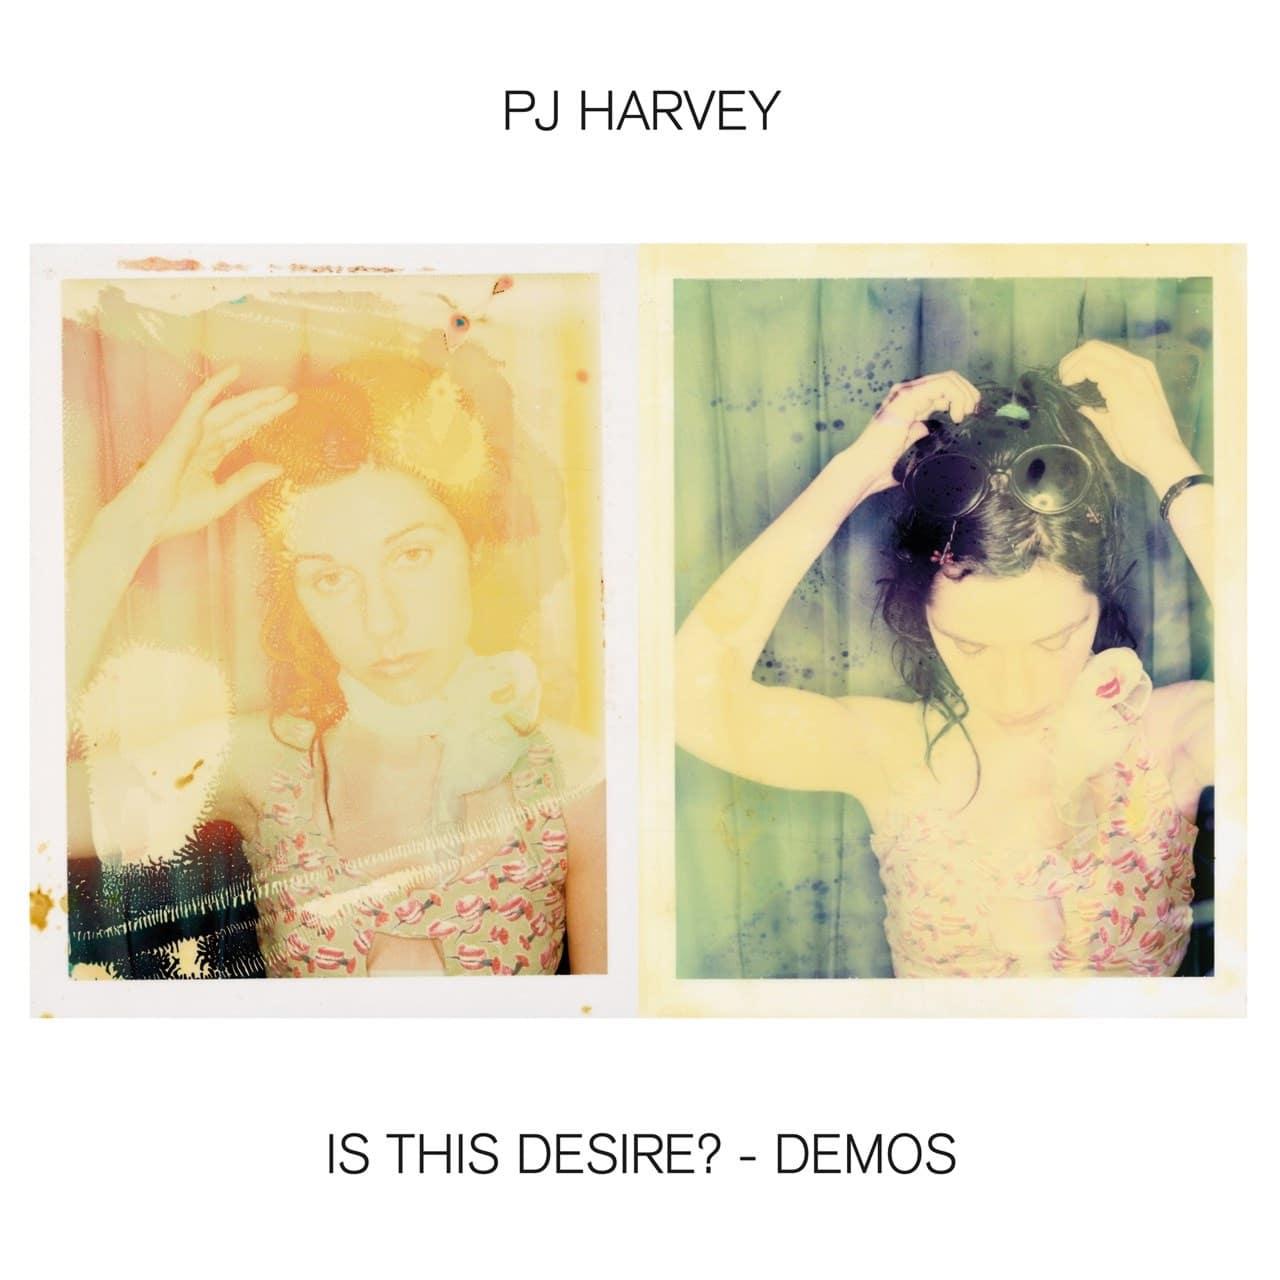 PJ Harvey - Is This Desire?